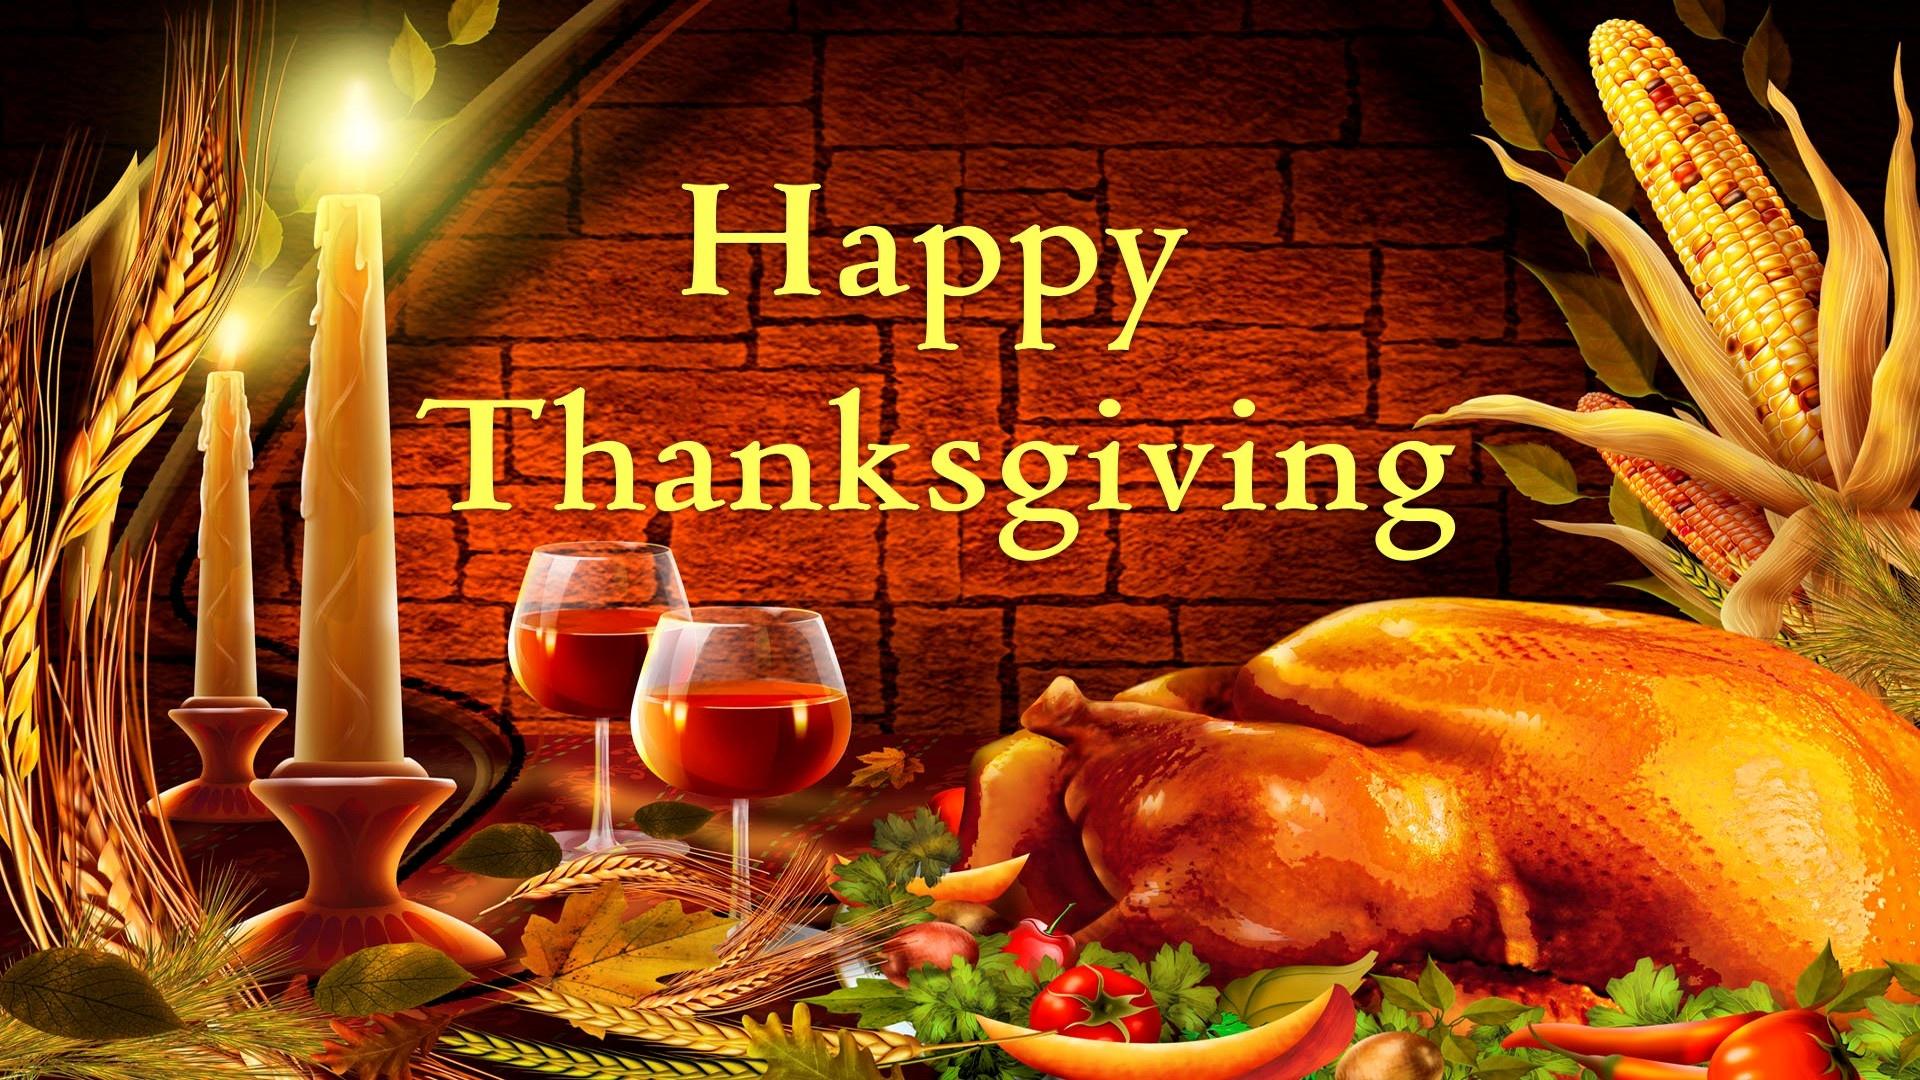 Thanksgiving 3d Wallpaper: Hd Thanksgiving Wallpaper